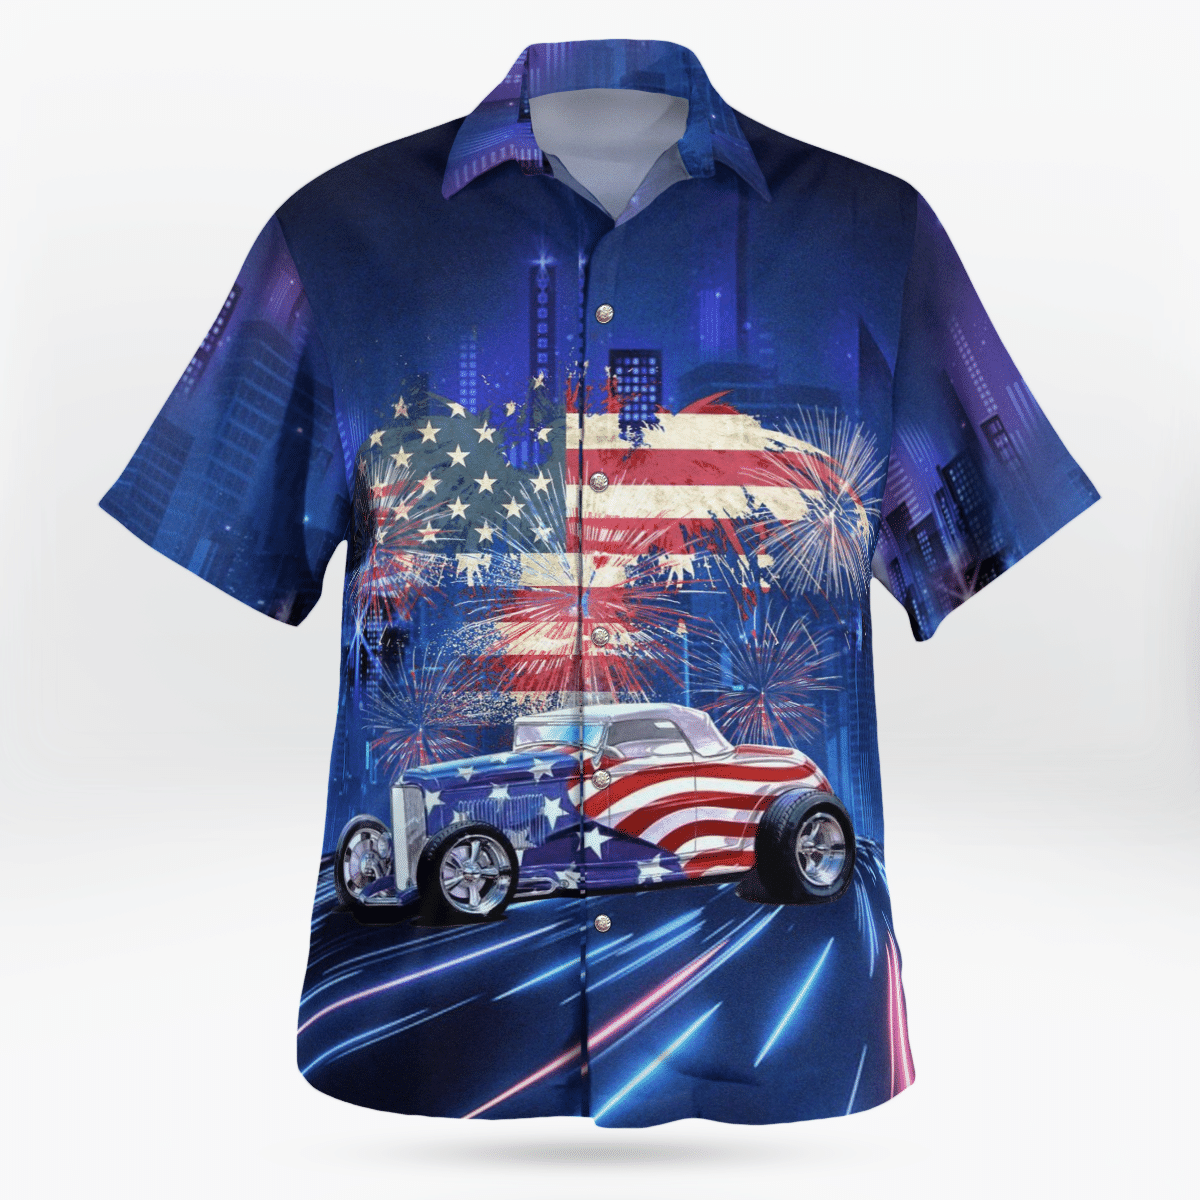 American flag and hot rod Hawaiian shirt 1